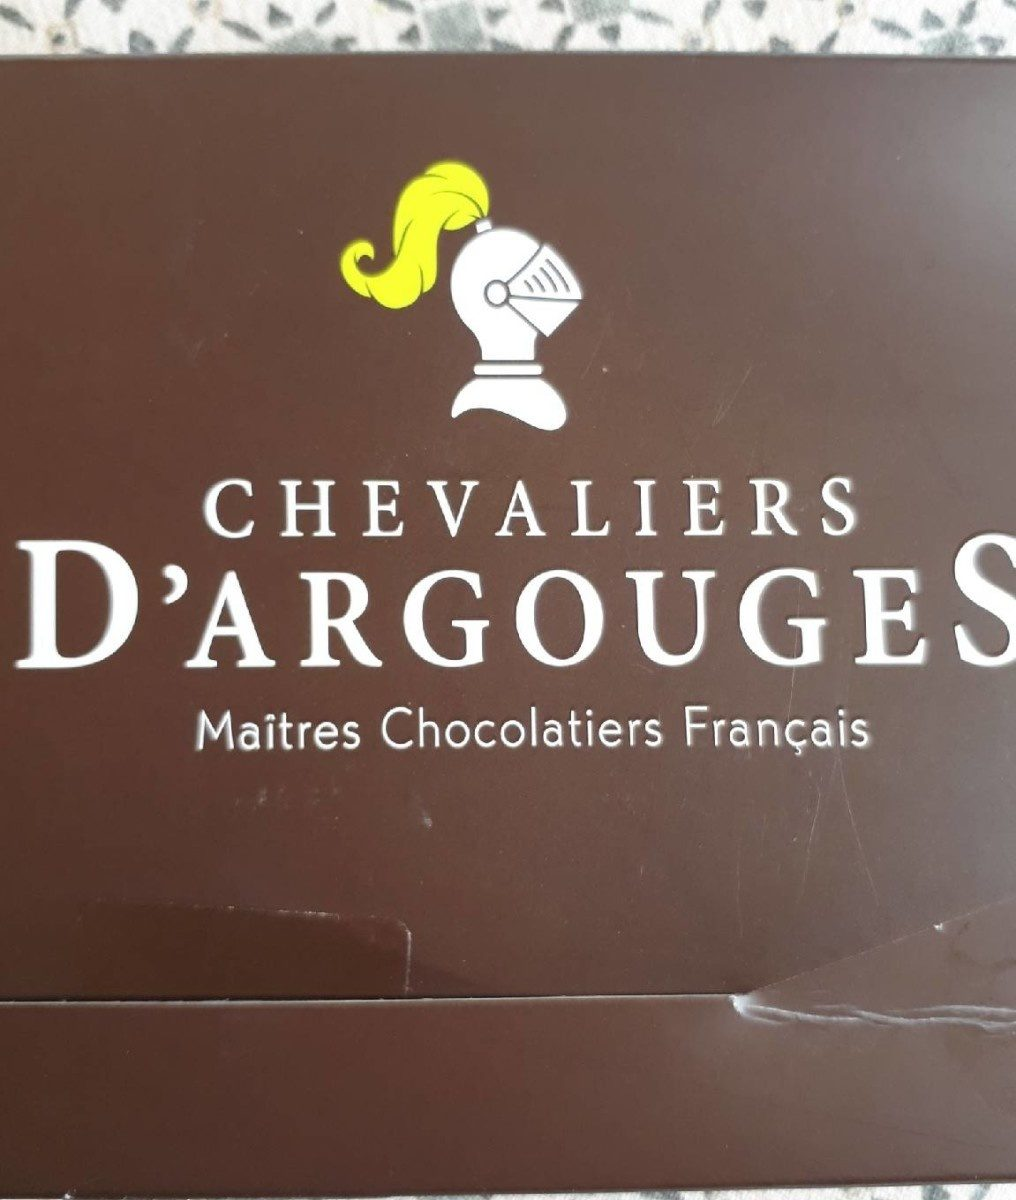 Assortiments de chocolats - Product